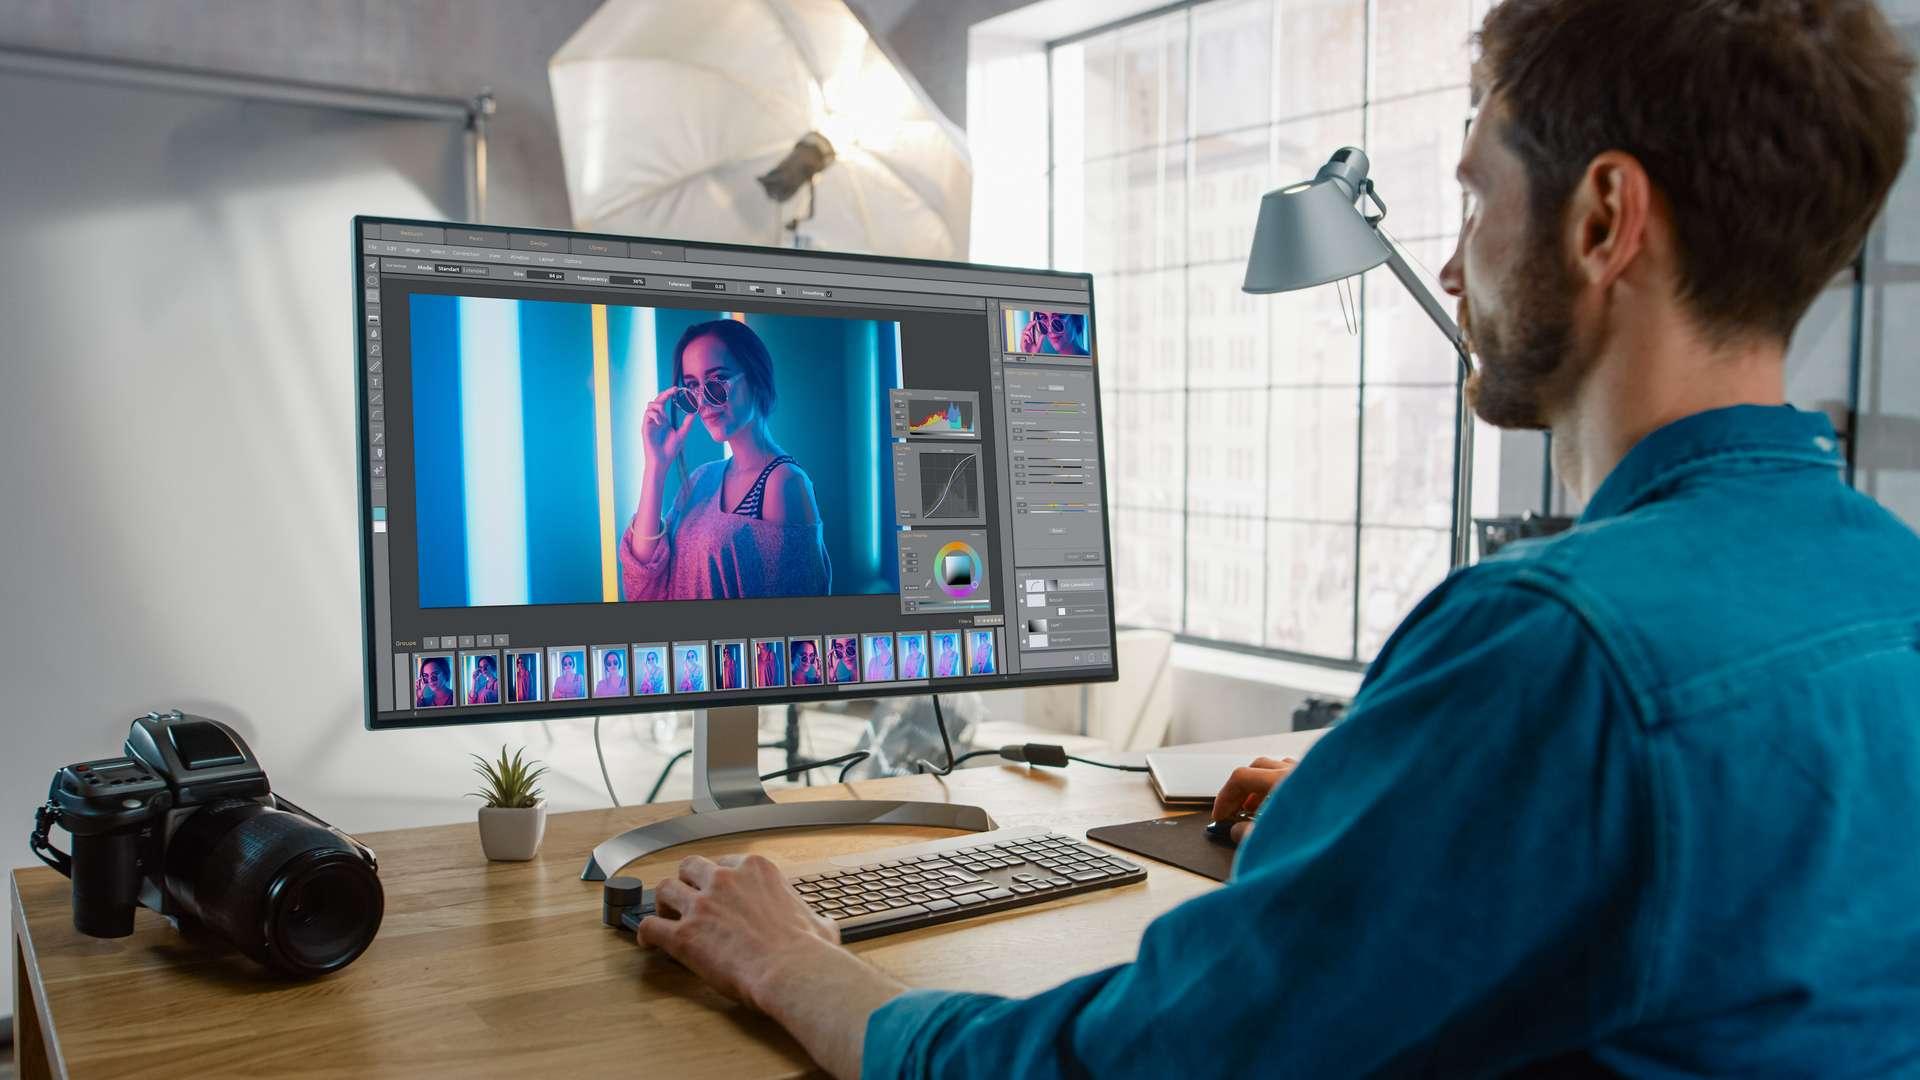 Profitez d'une réduction inédite sur votre formation Photoshop et débutez vos designs dès maintenant ! © Gorodenkoff, Adobe Stock